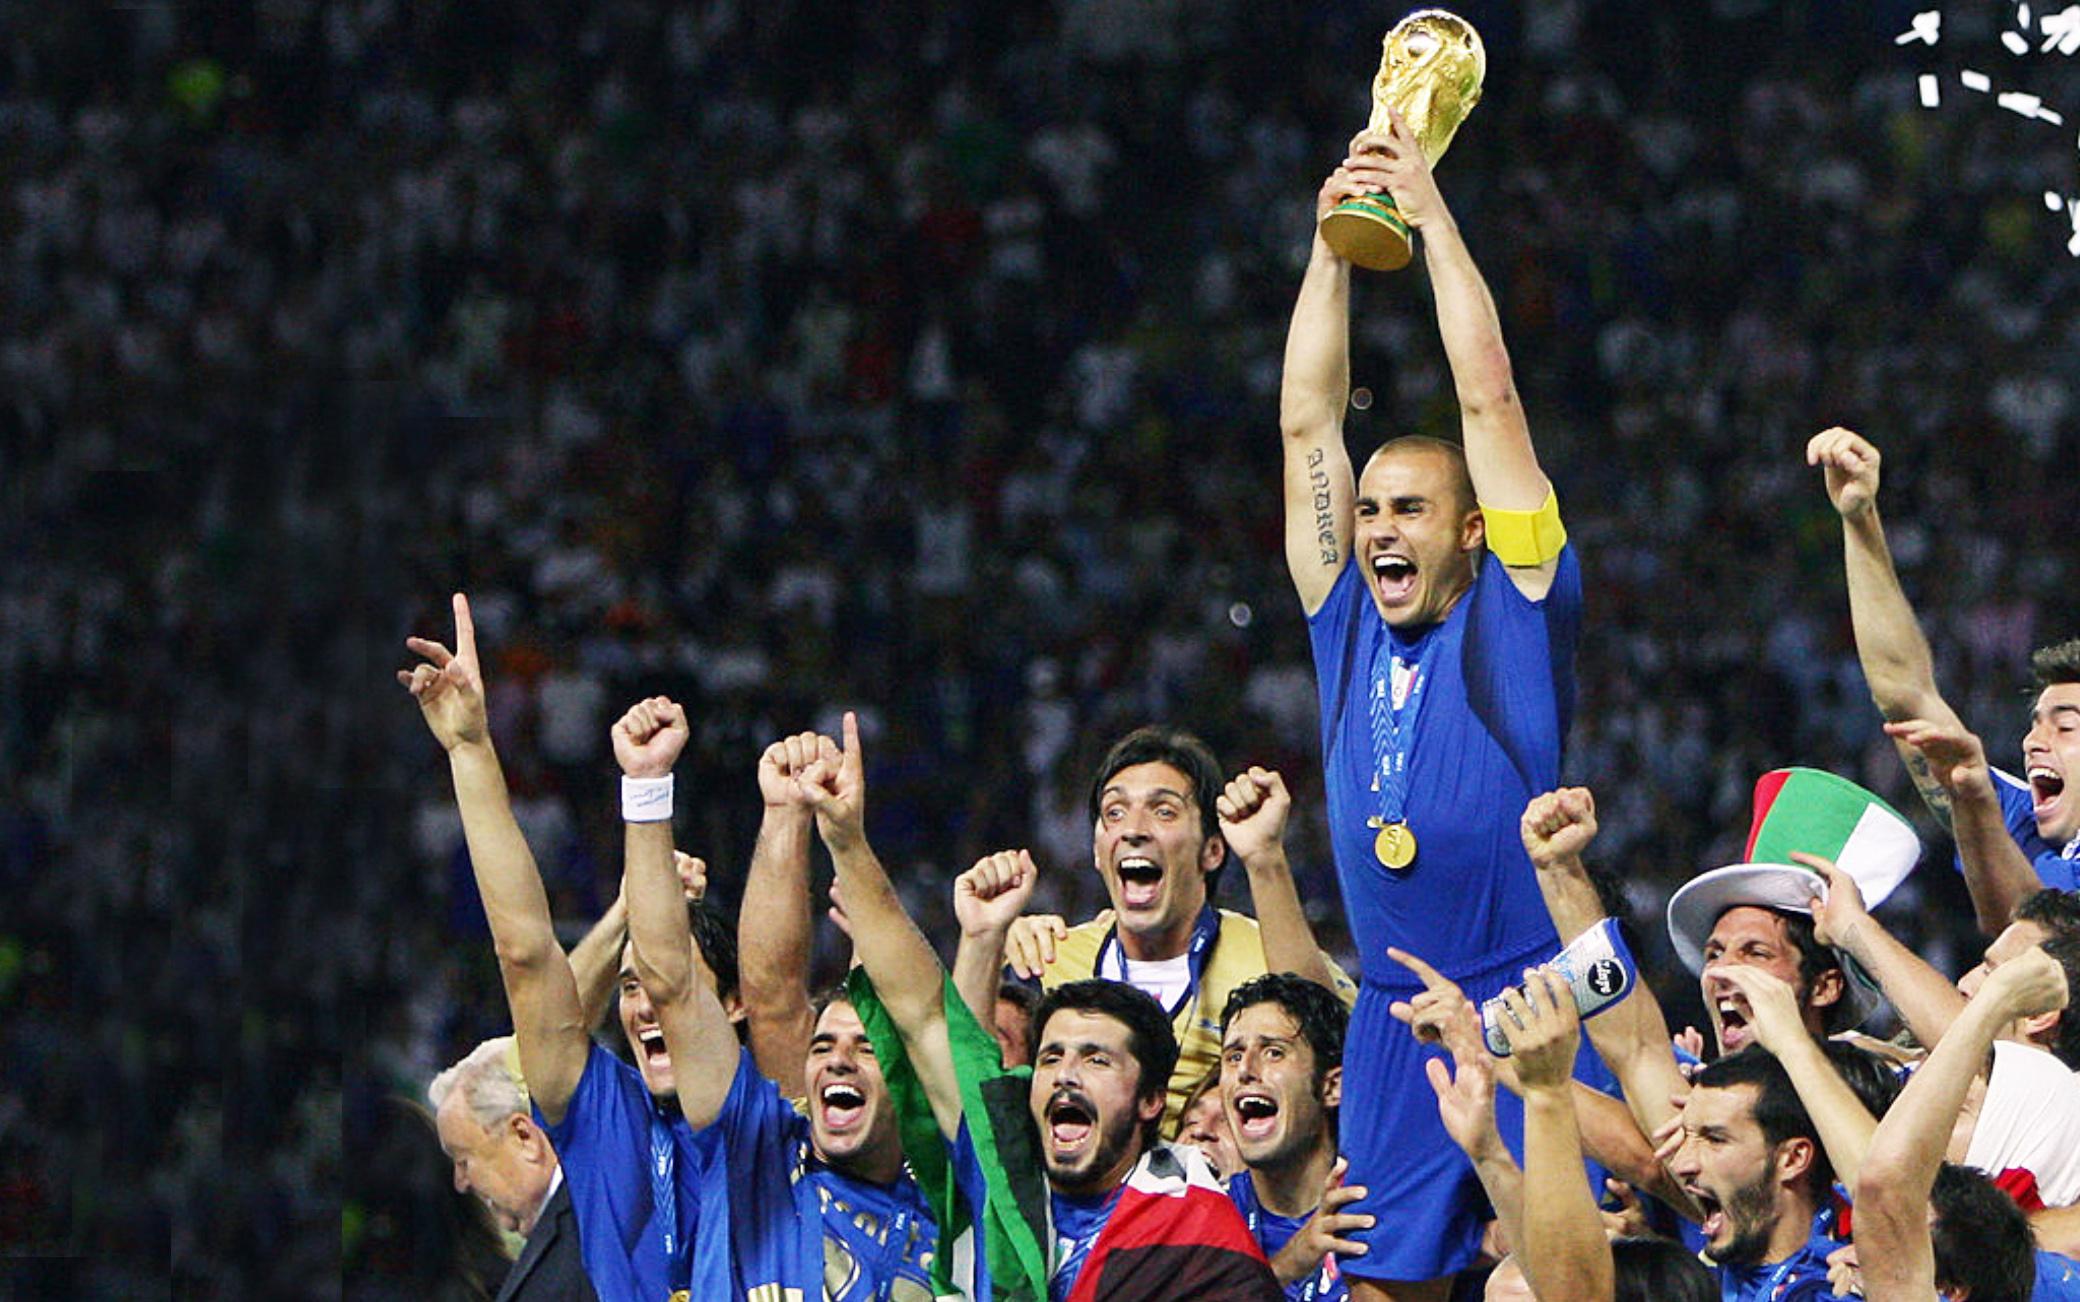 Rivivi il Mondiale del 2006